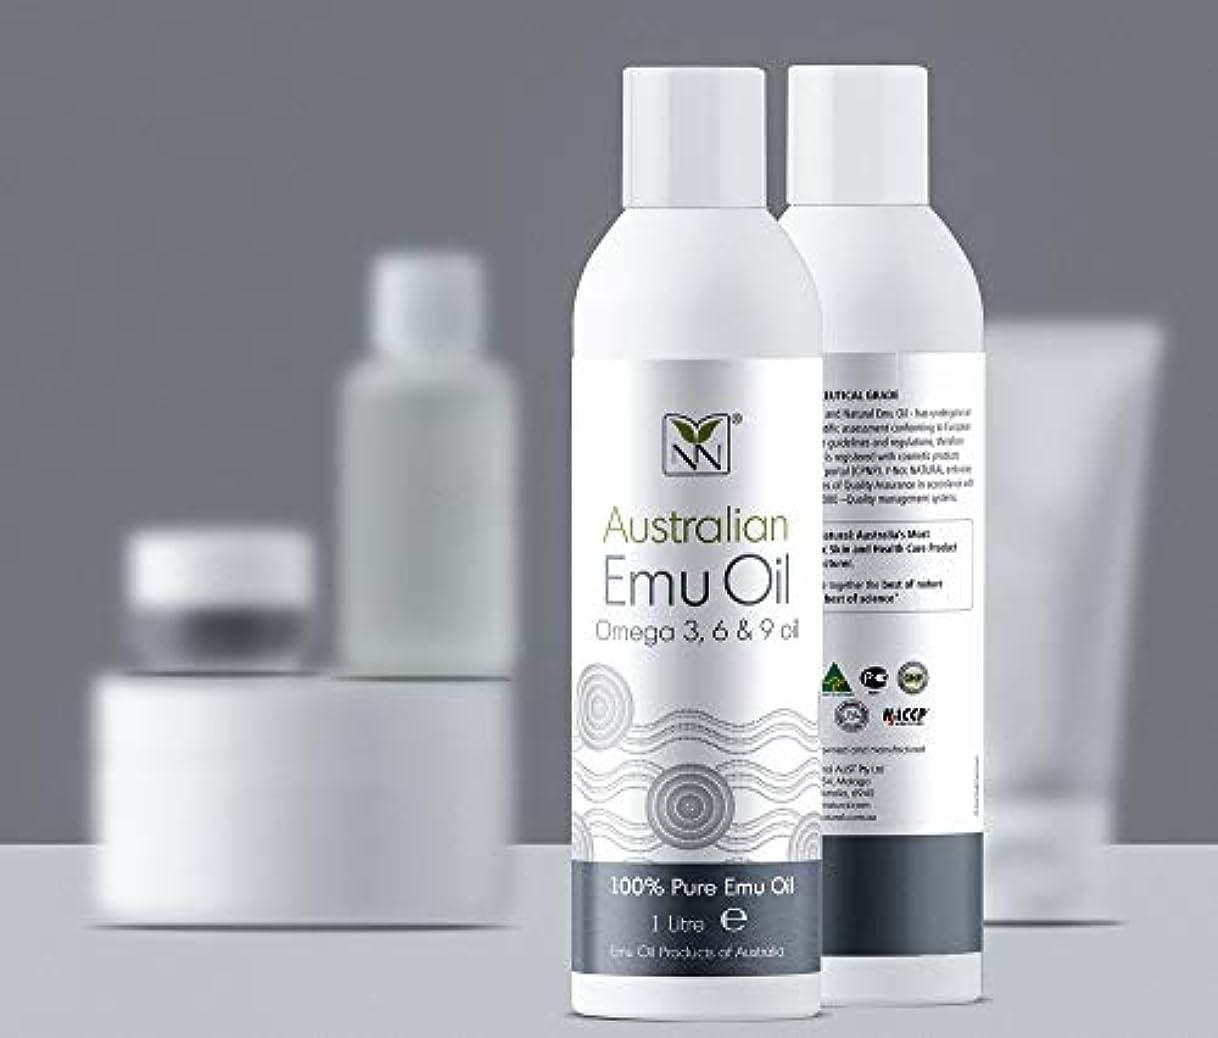 ピル音声派手Y Not Natural エミューオイル EMU OIL 無添加100% 保湿性 浸透性 抜群 プレミアム品質 エミュー油 (1000 ml)